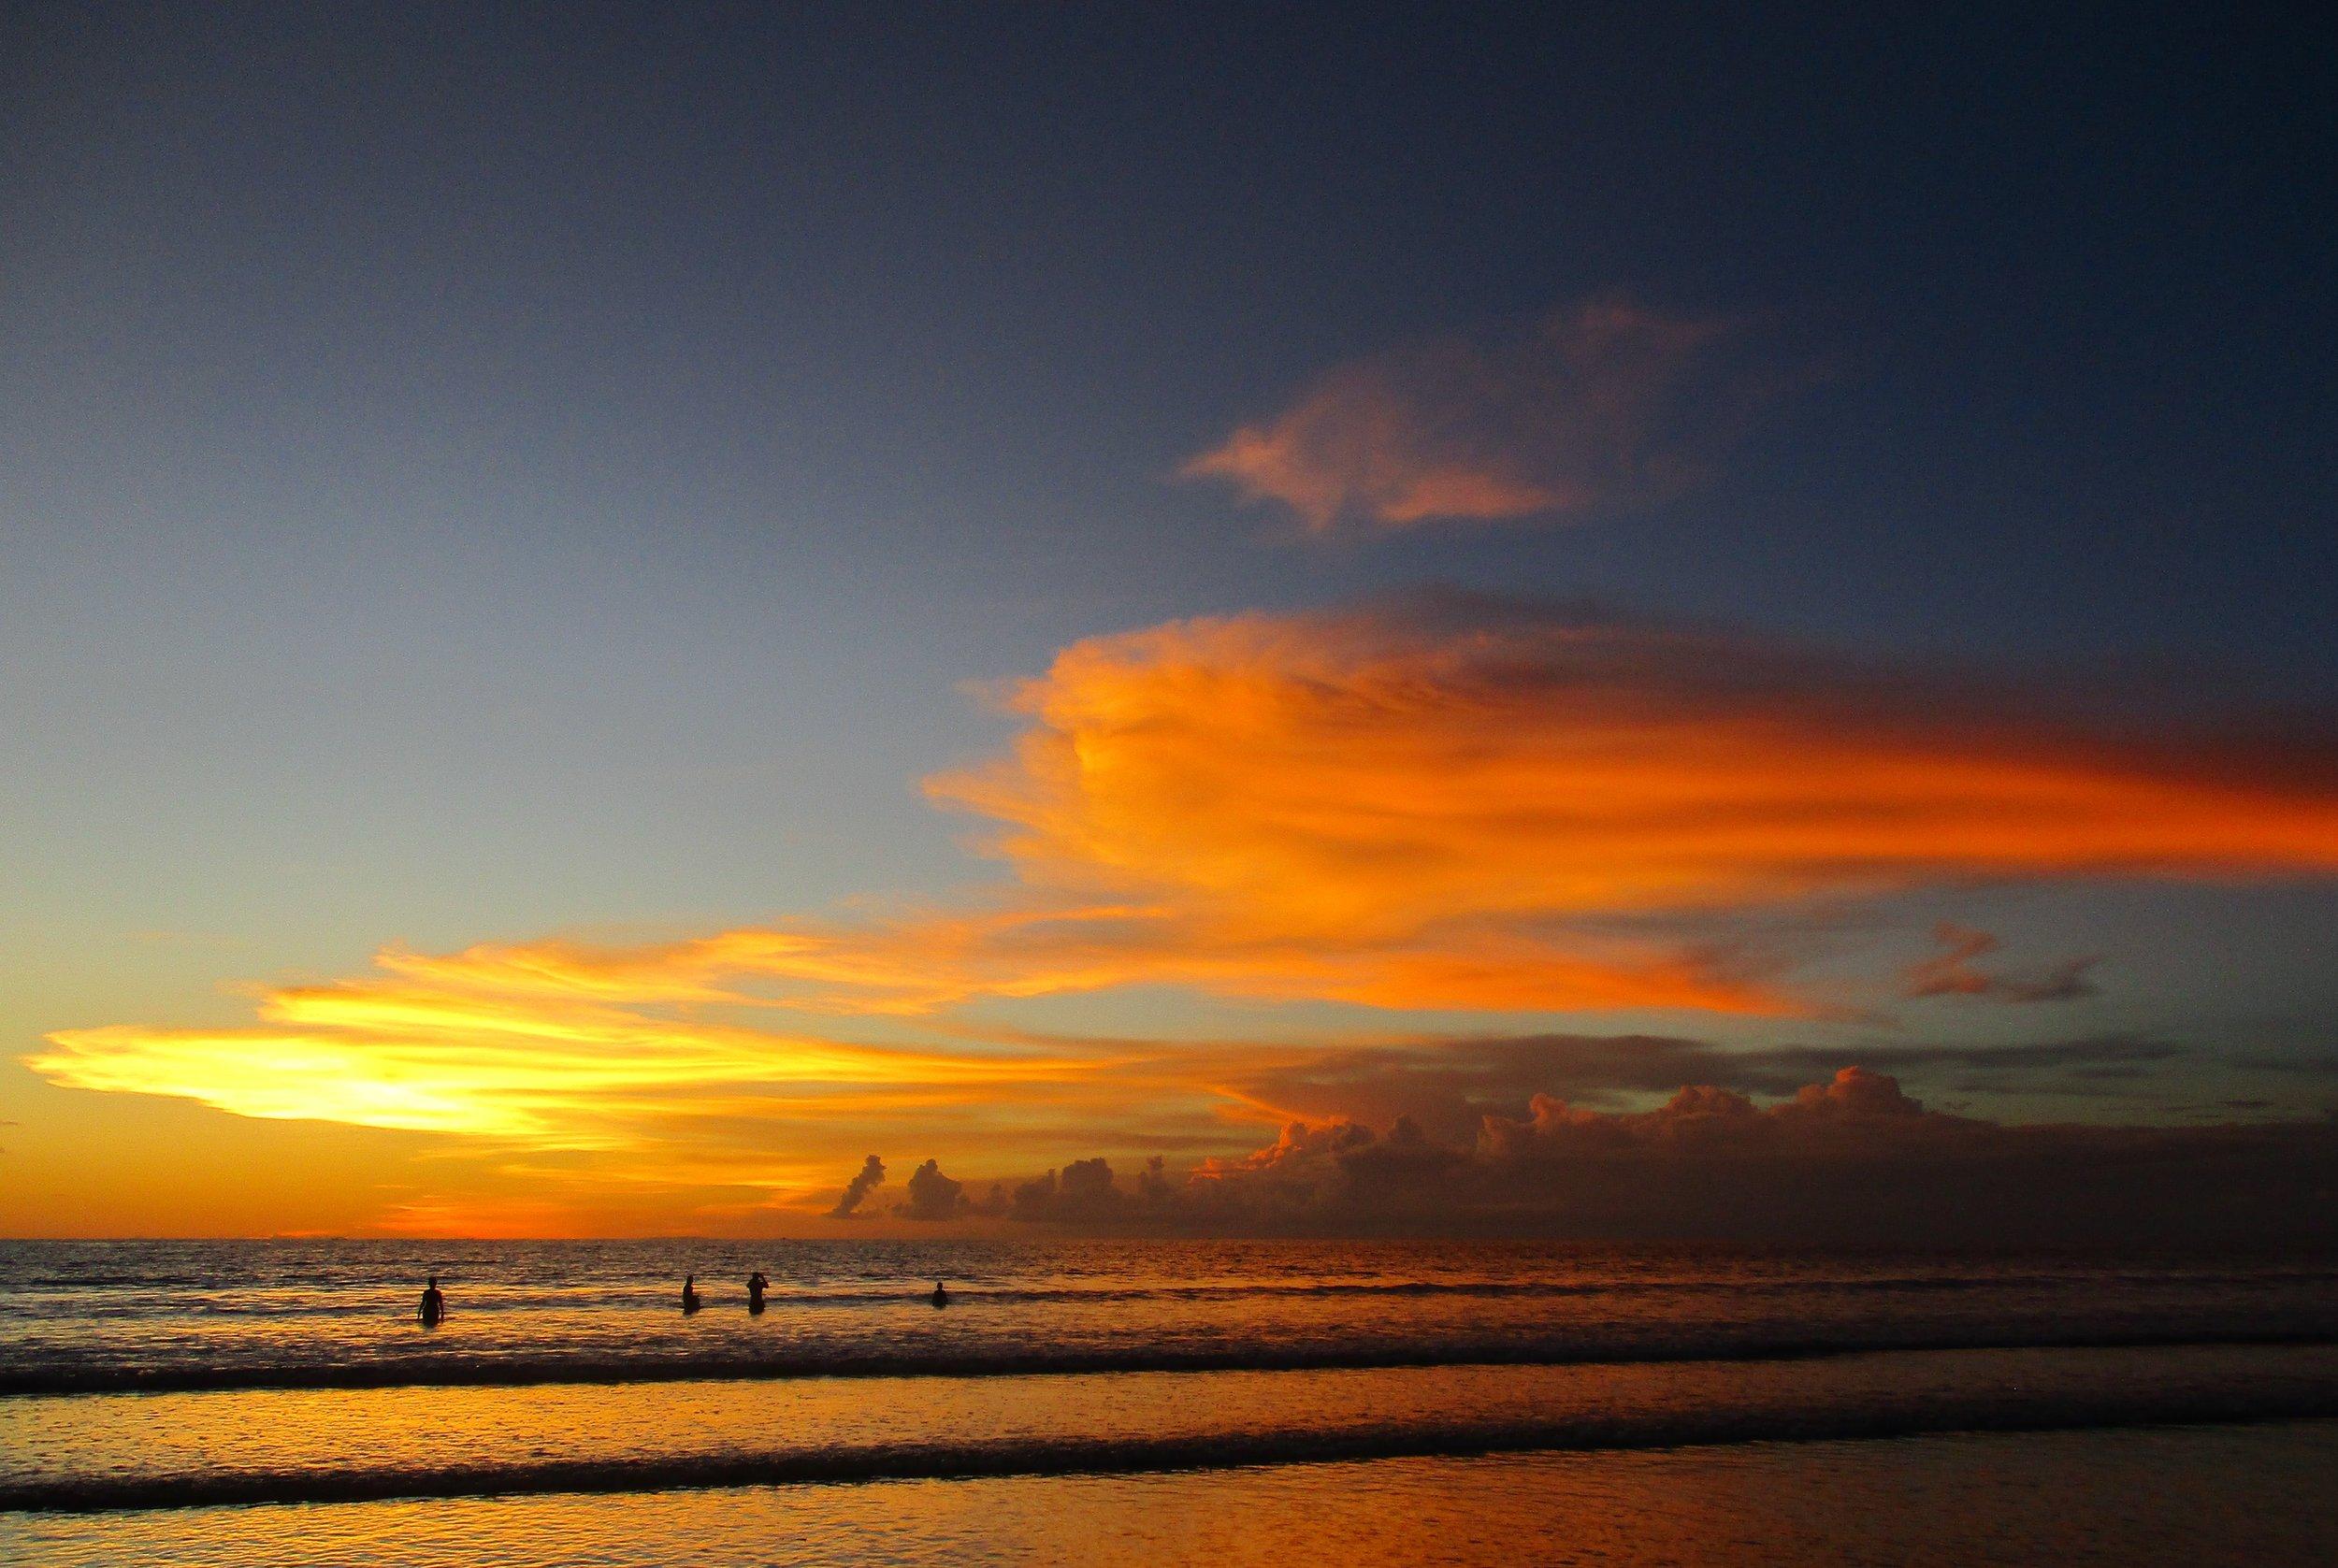 Spotlicht Henk Renkema Kuta beach, Bali.JPG